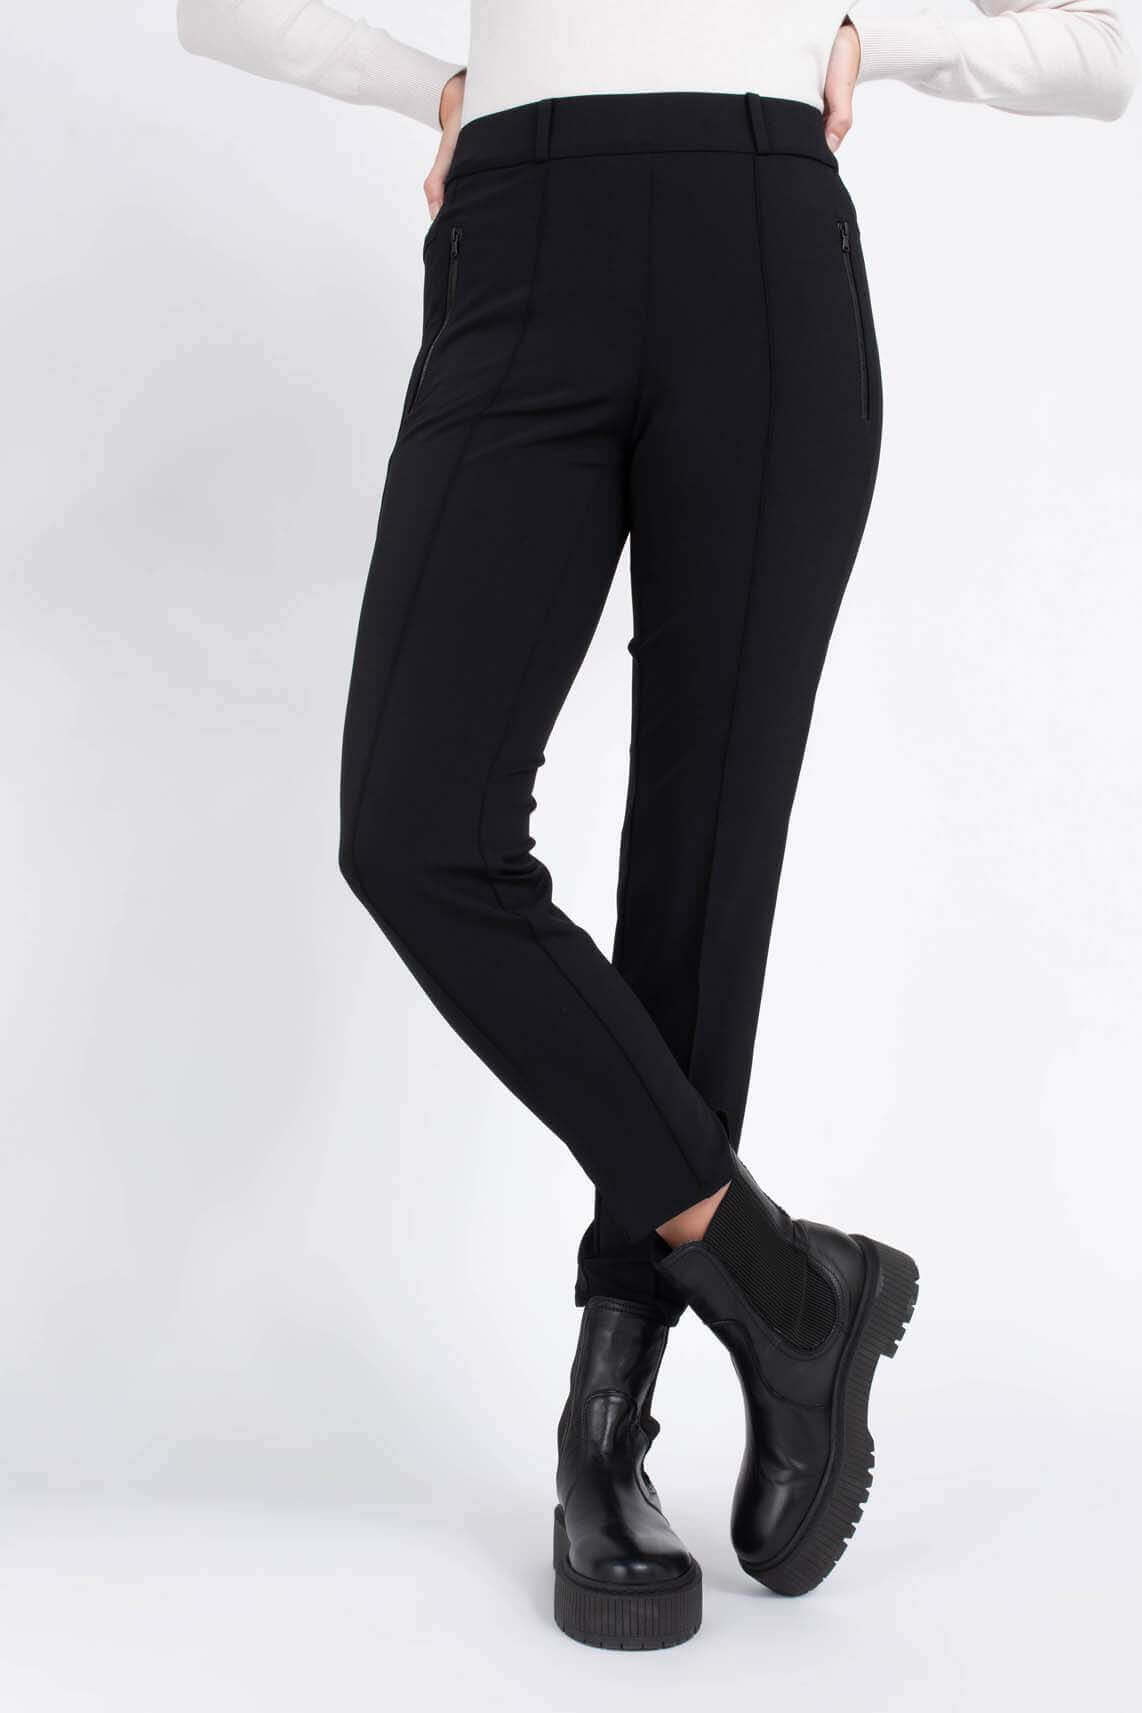 Cambio Dames Rarity pantalon Zwart